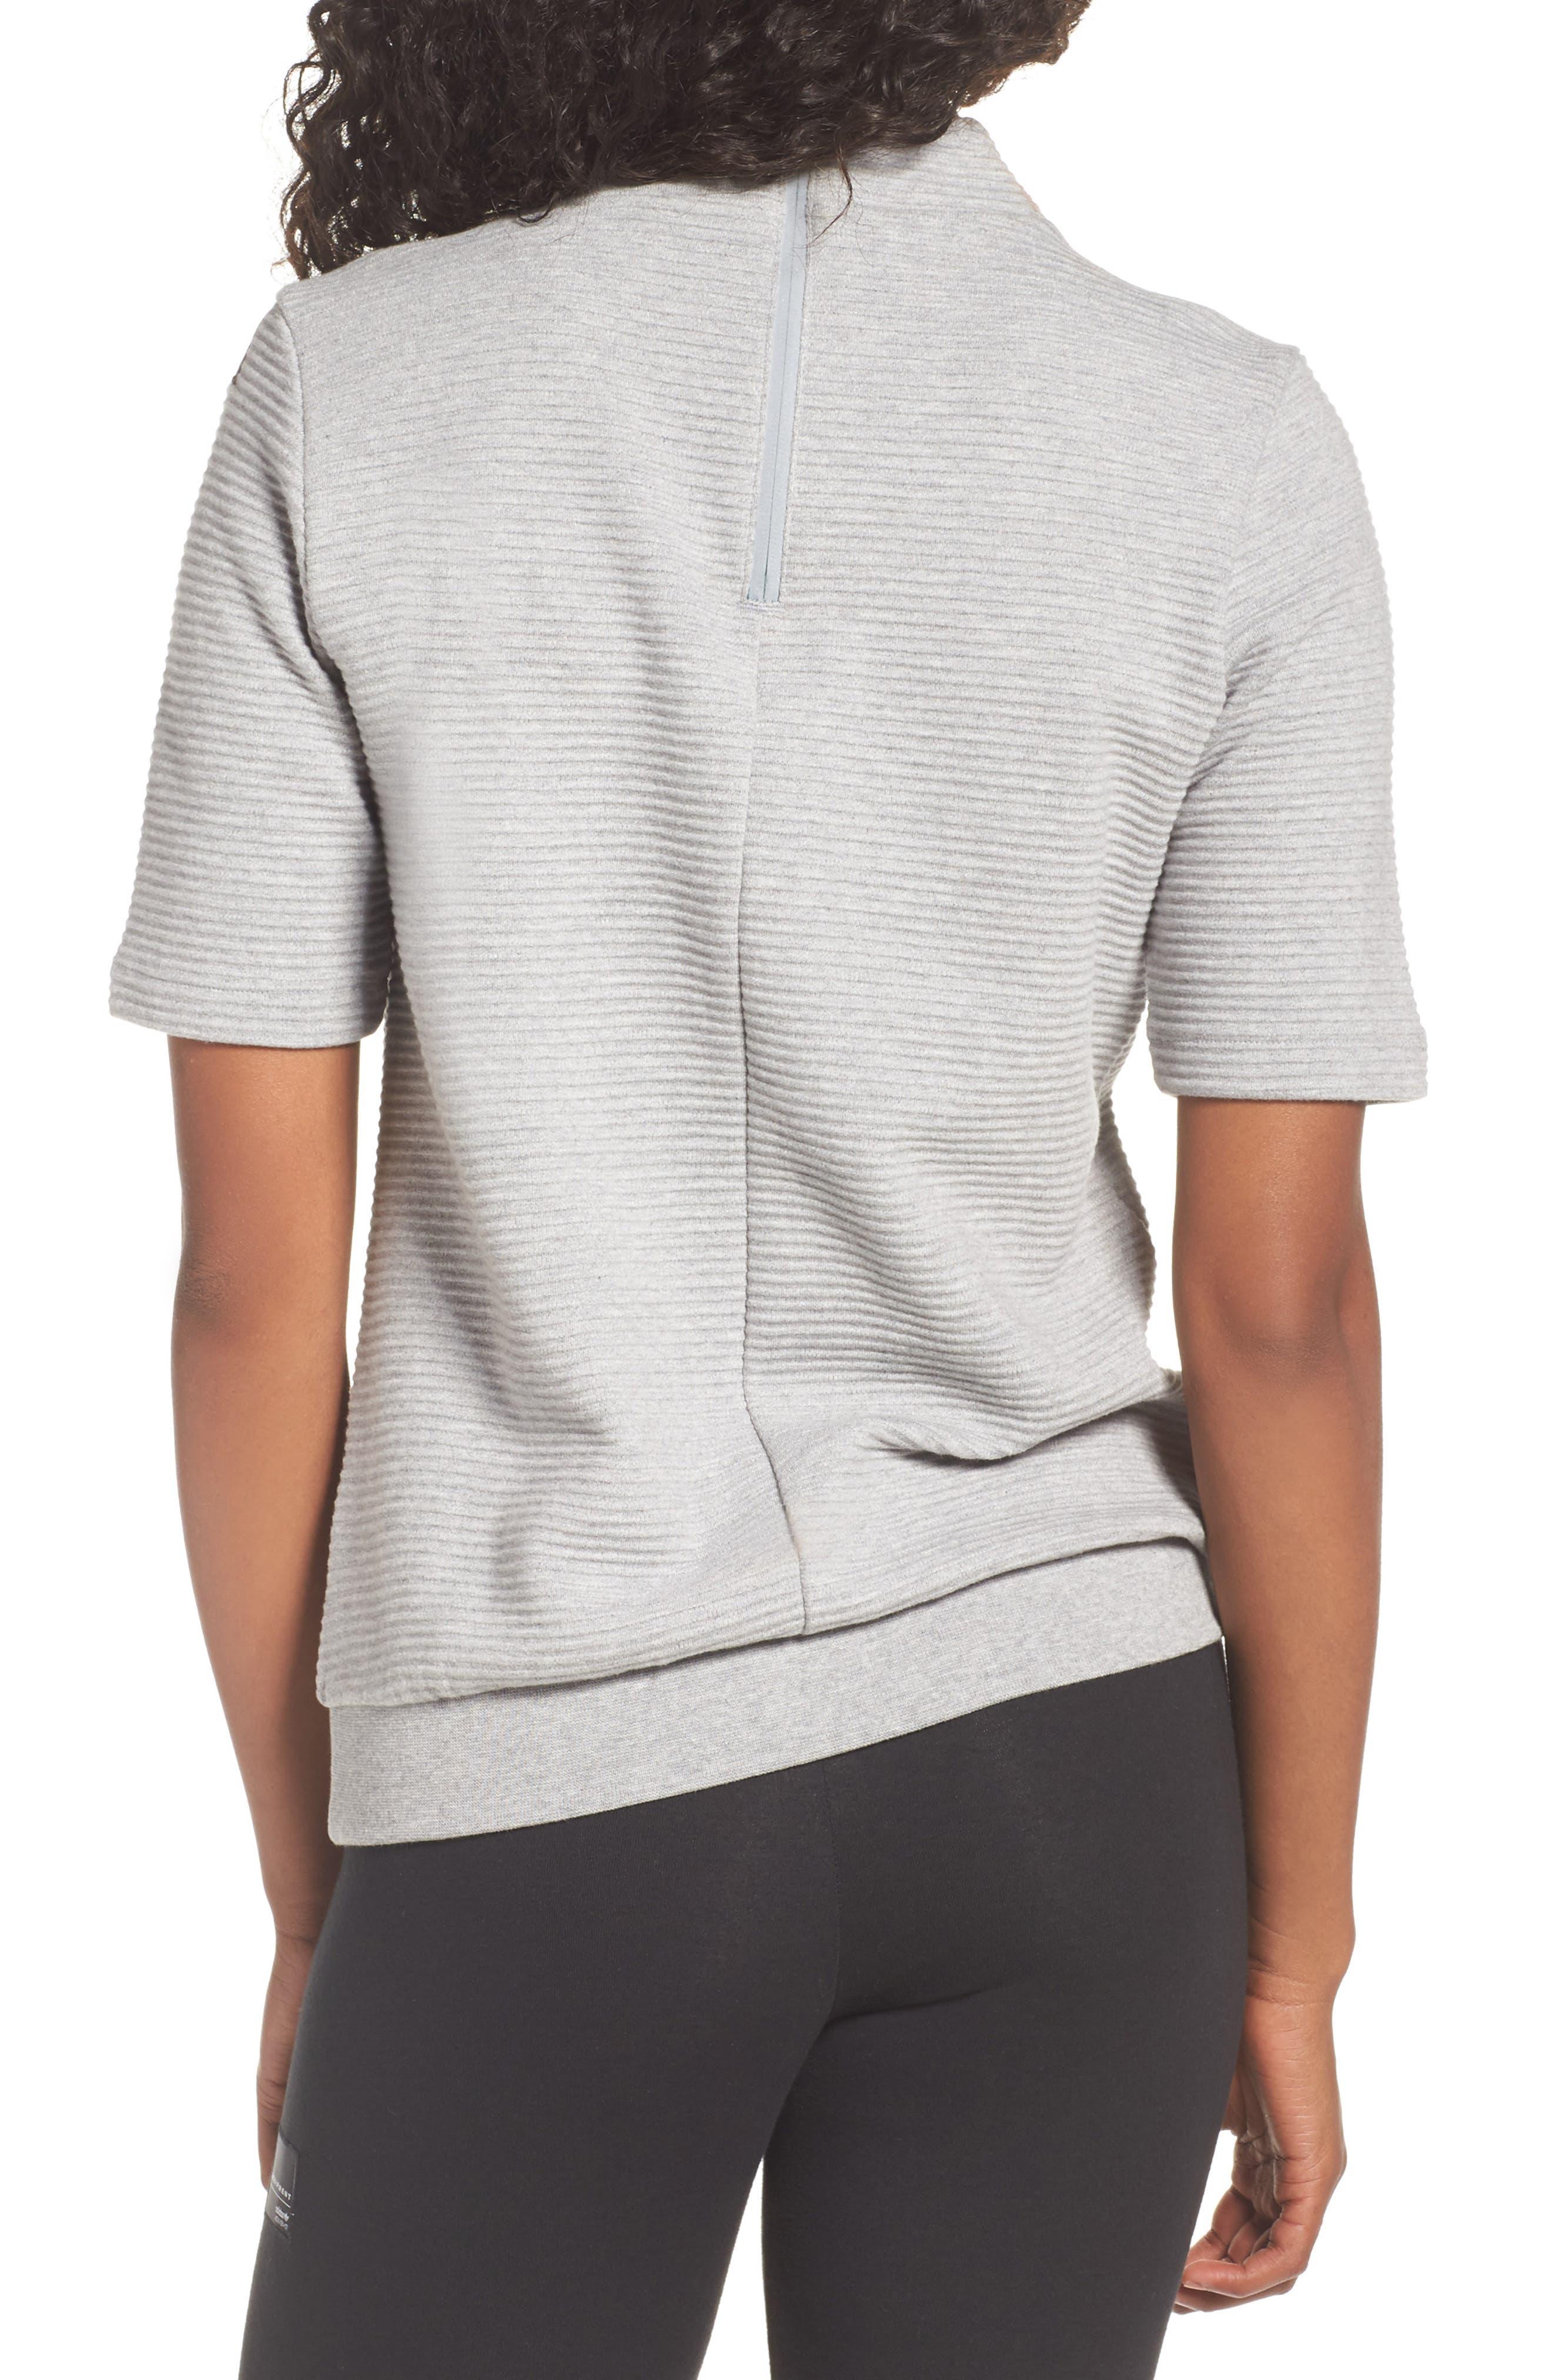 Originals EQT Sweatshirt,                             Alternate thumbnail 2, color,